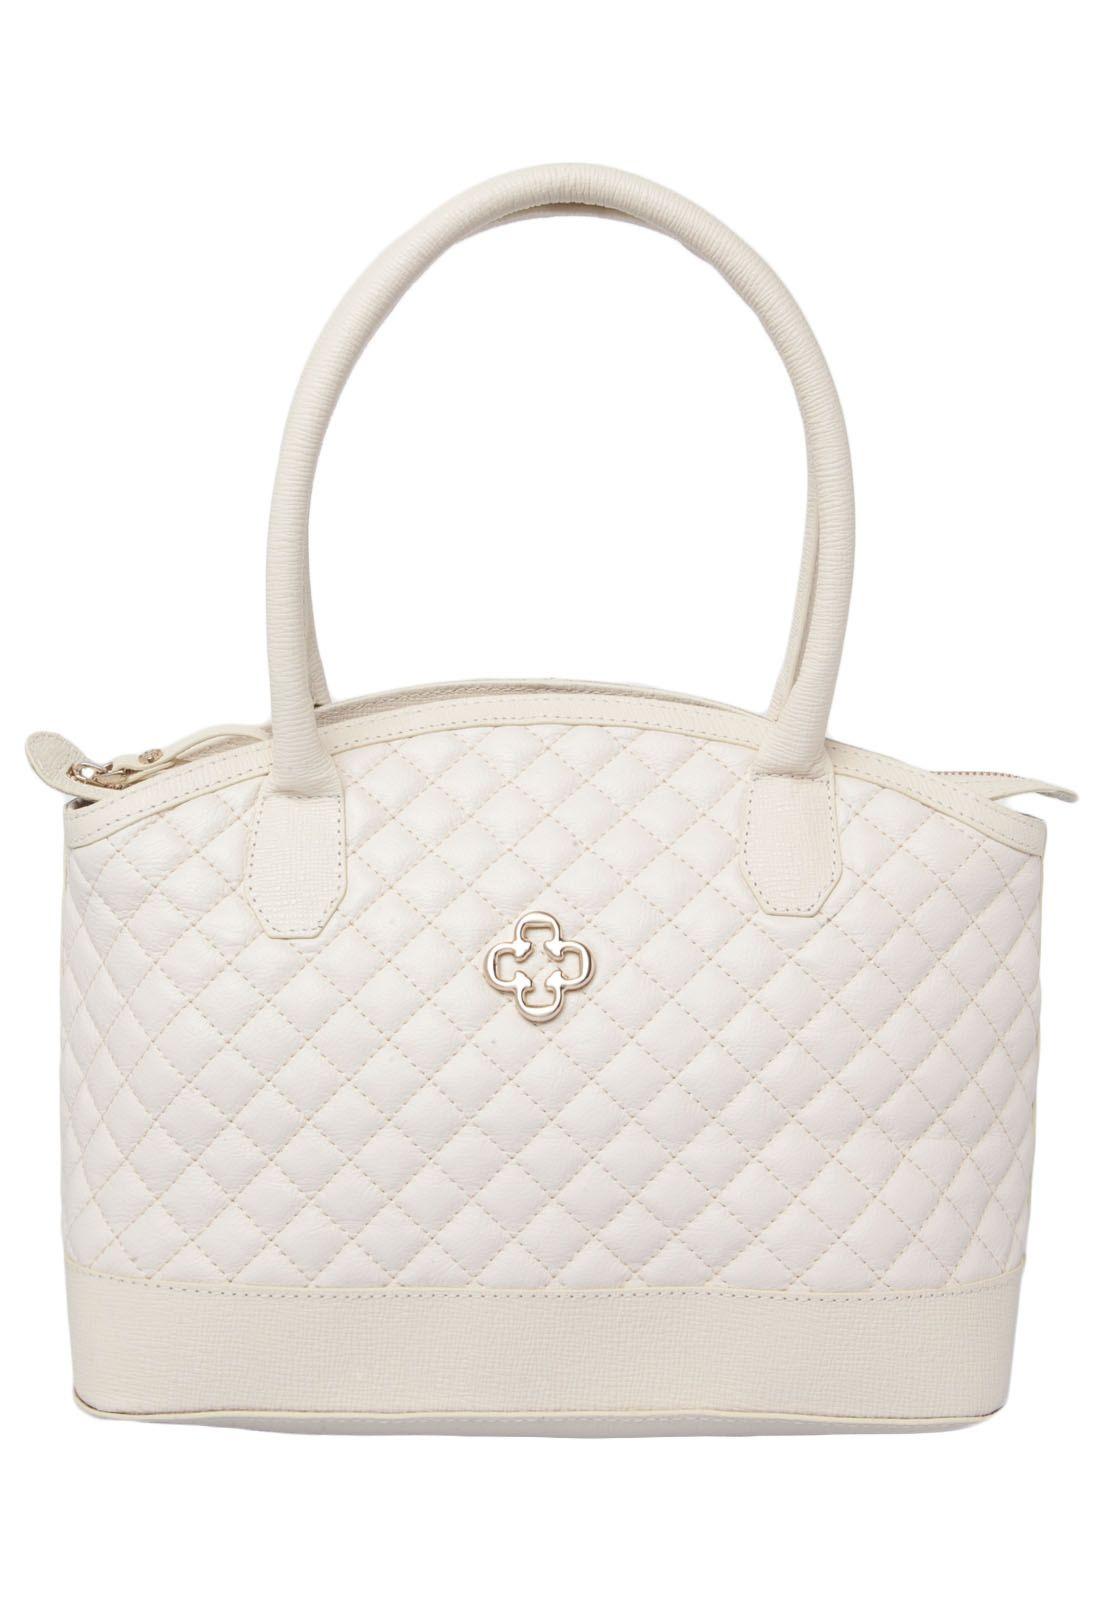 197c6191d Bolsa Capodarte Branca | Acessórios | Bags, Louis vuitton e Louis ...